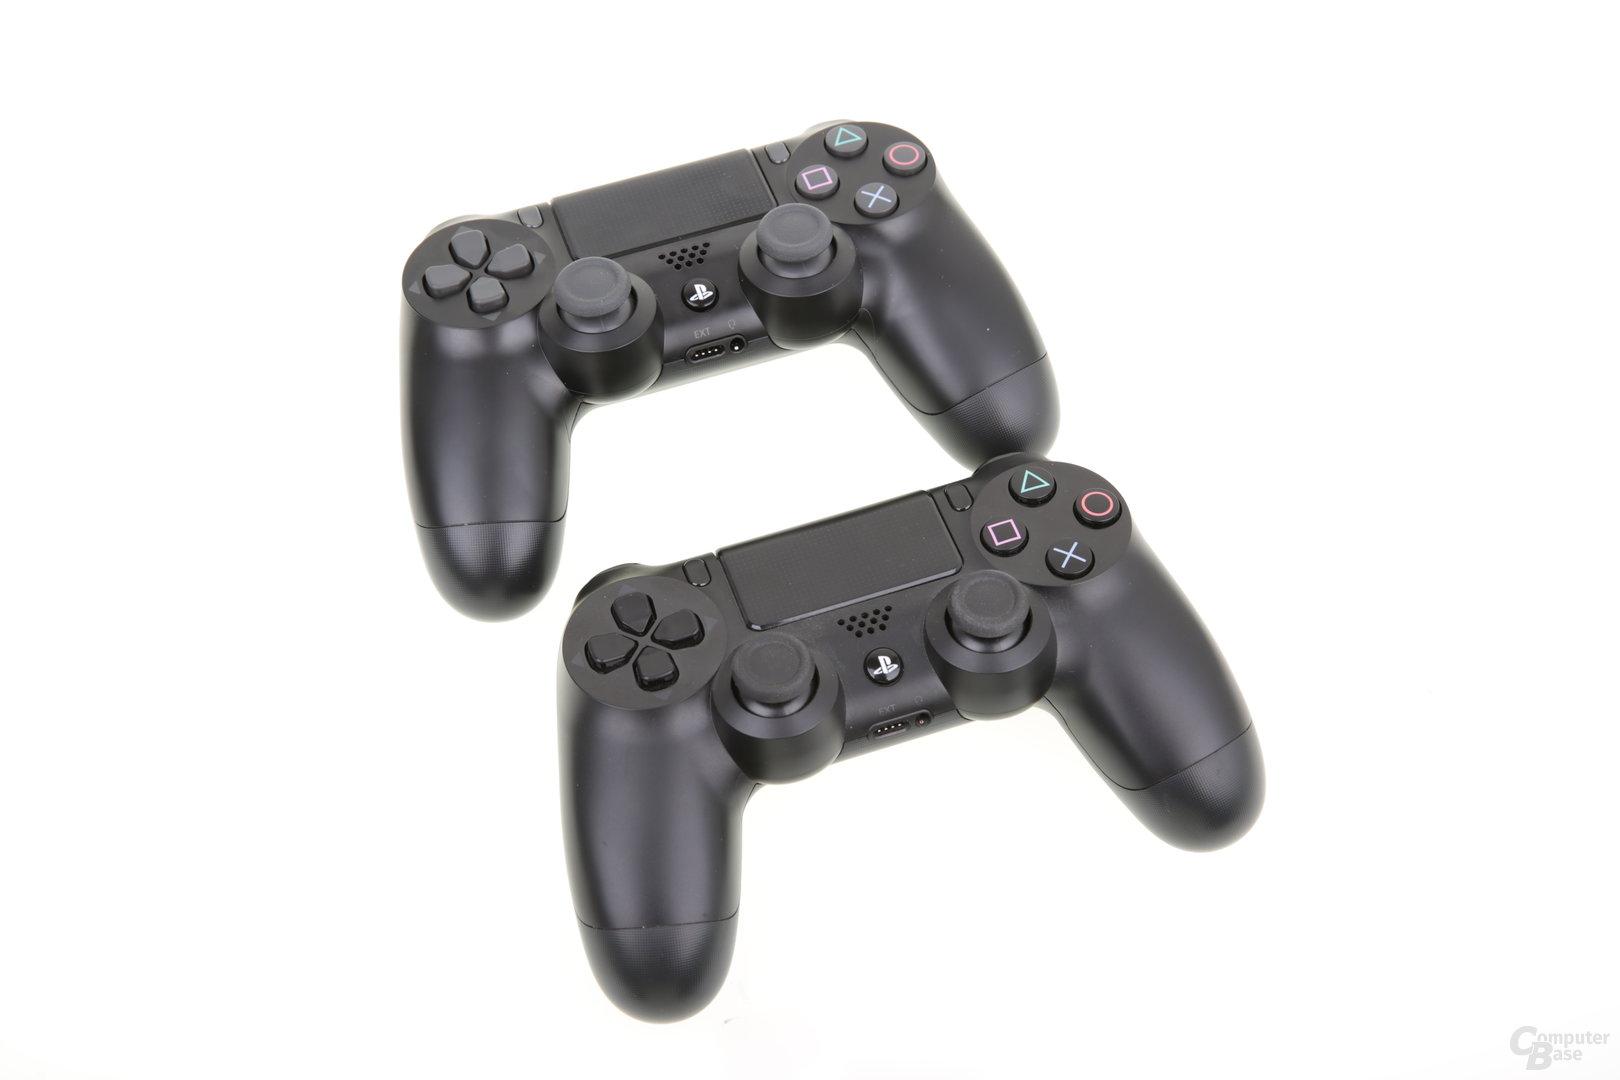 Controller der PS4 Pro (oben) und der originalen PS4 (unten)